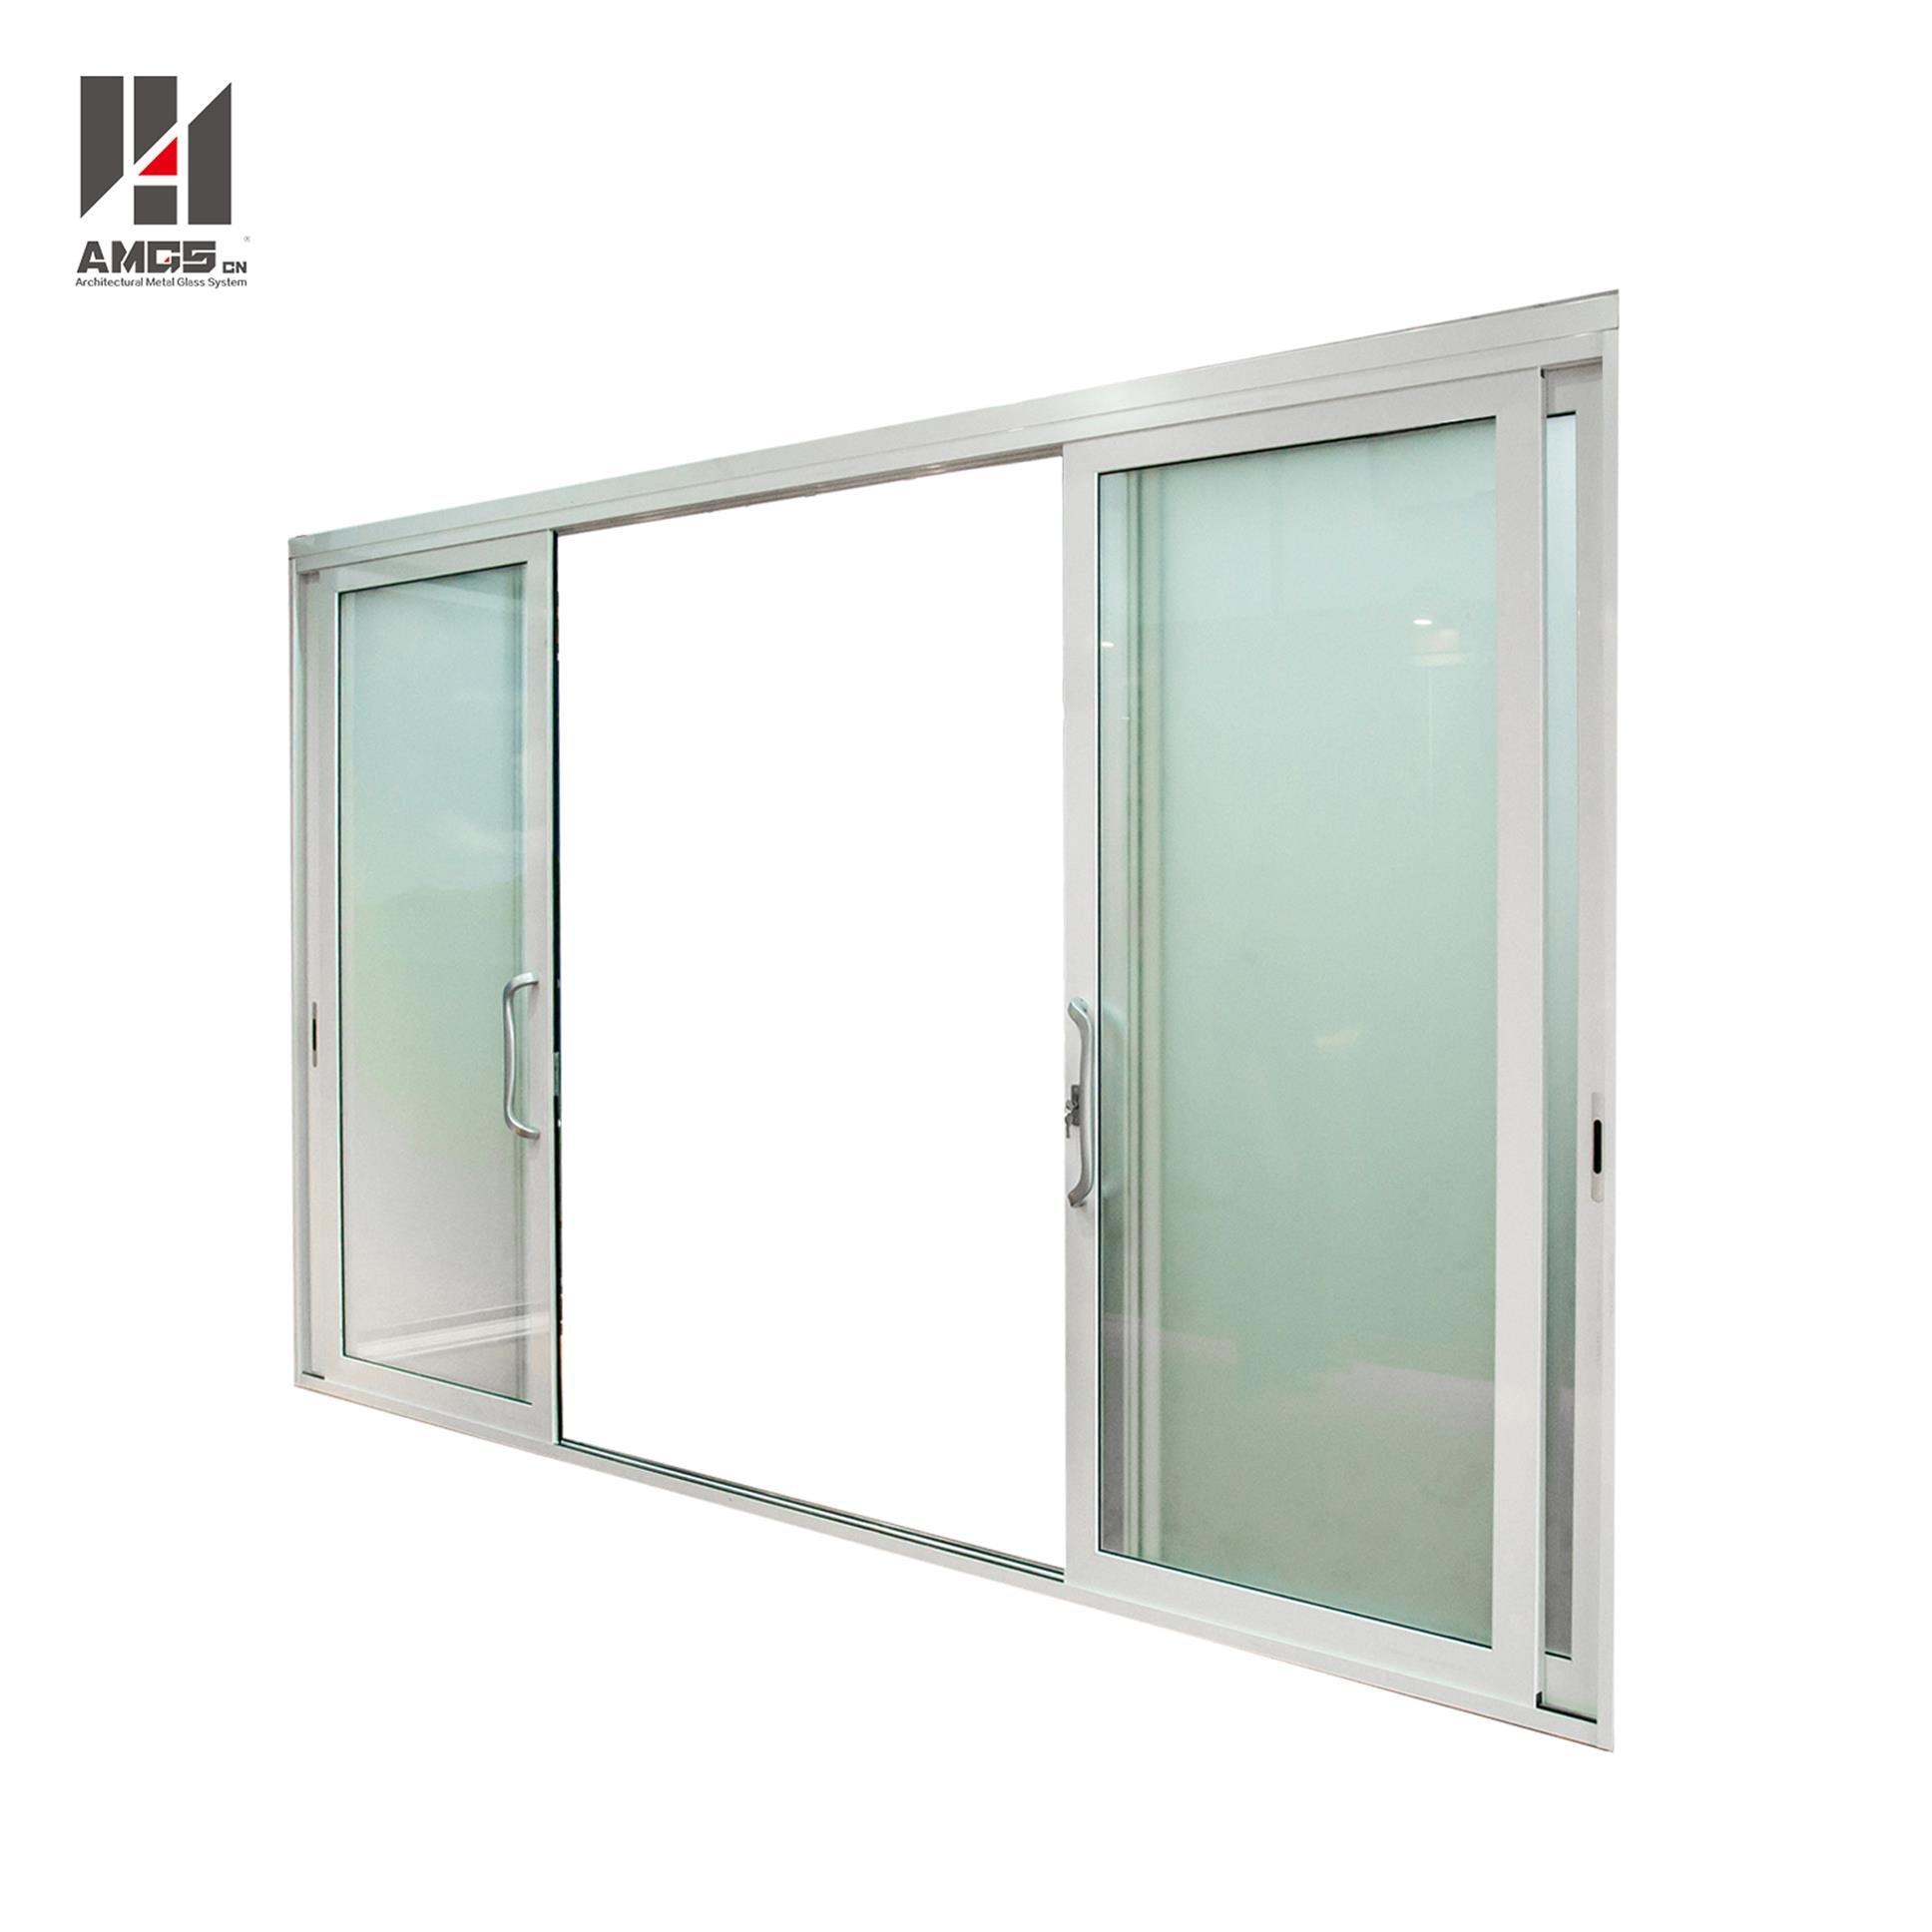 AMGS White Aluminium Sliding Door With Single Or Double Glazing Aluminum Sliding Doors image5